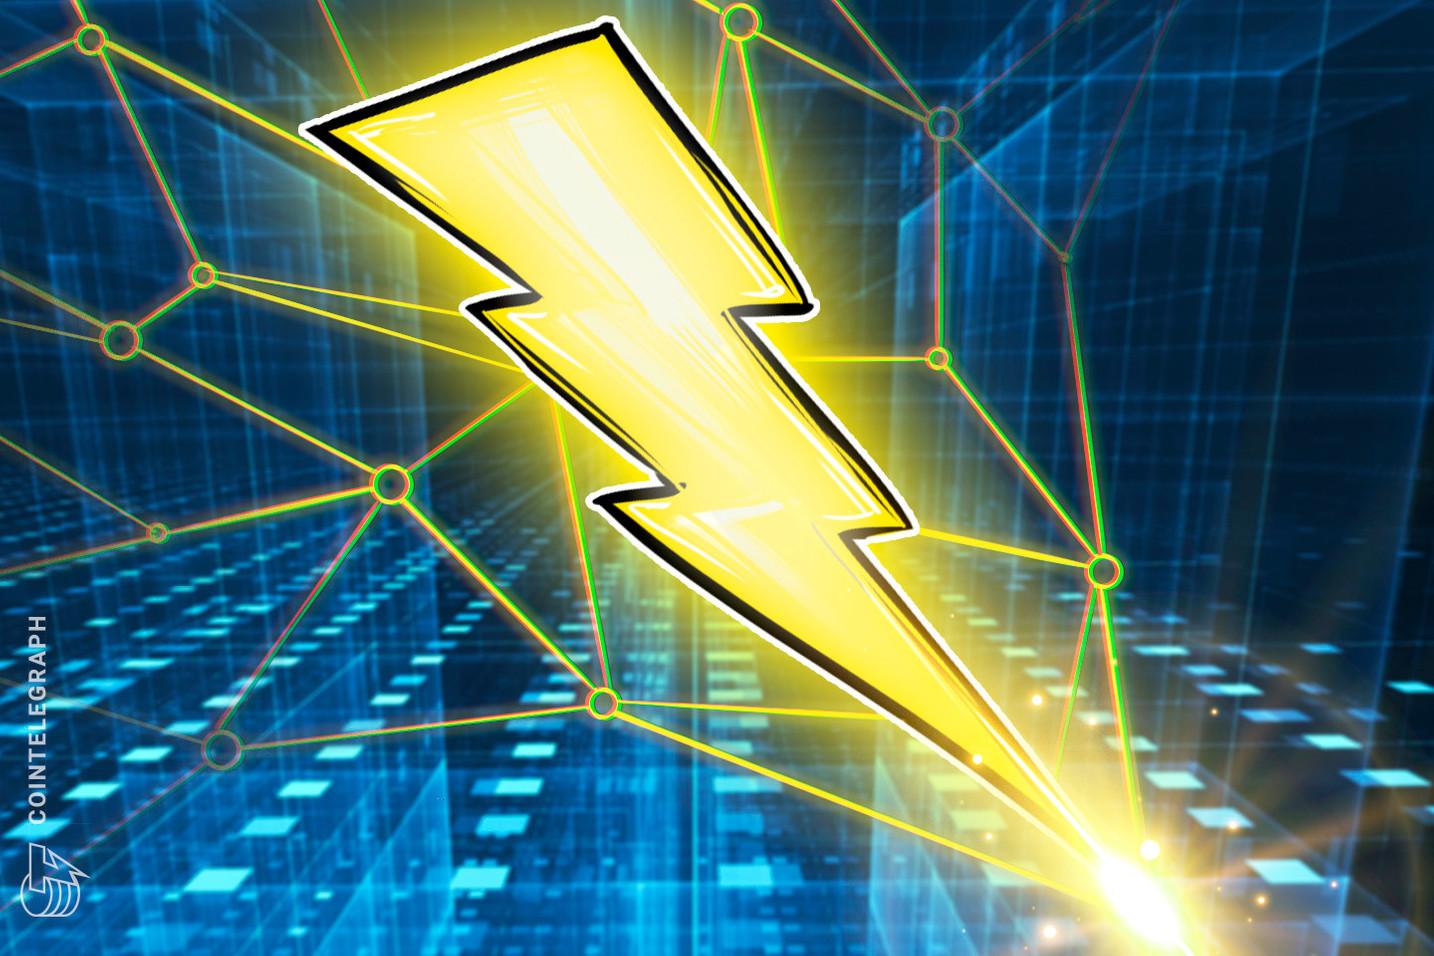 大手商社の丸紅、ブロックチェーン活用のエネルギー売買プラットフォーム企業と提携